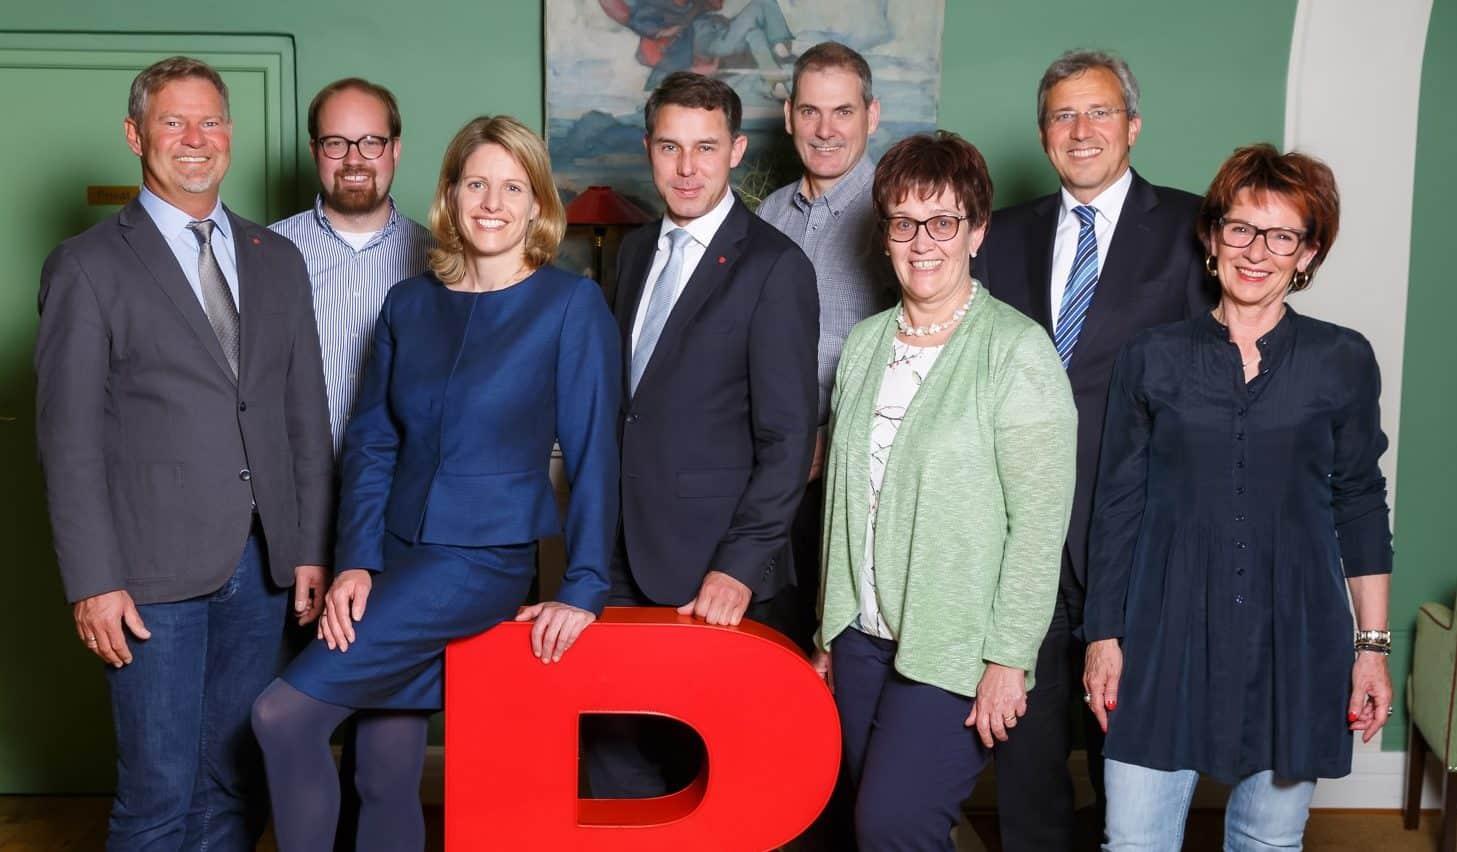 Stabübergabe der Regensburger CSU